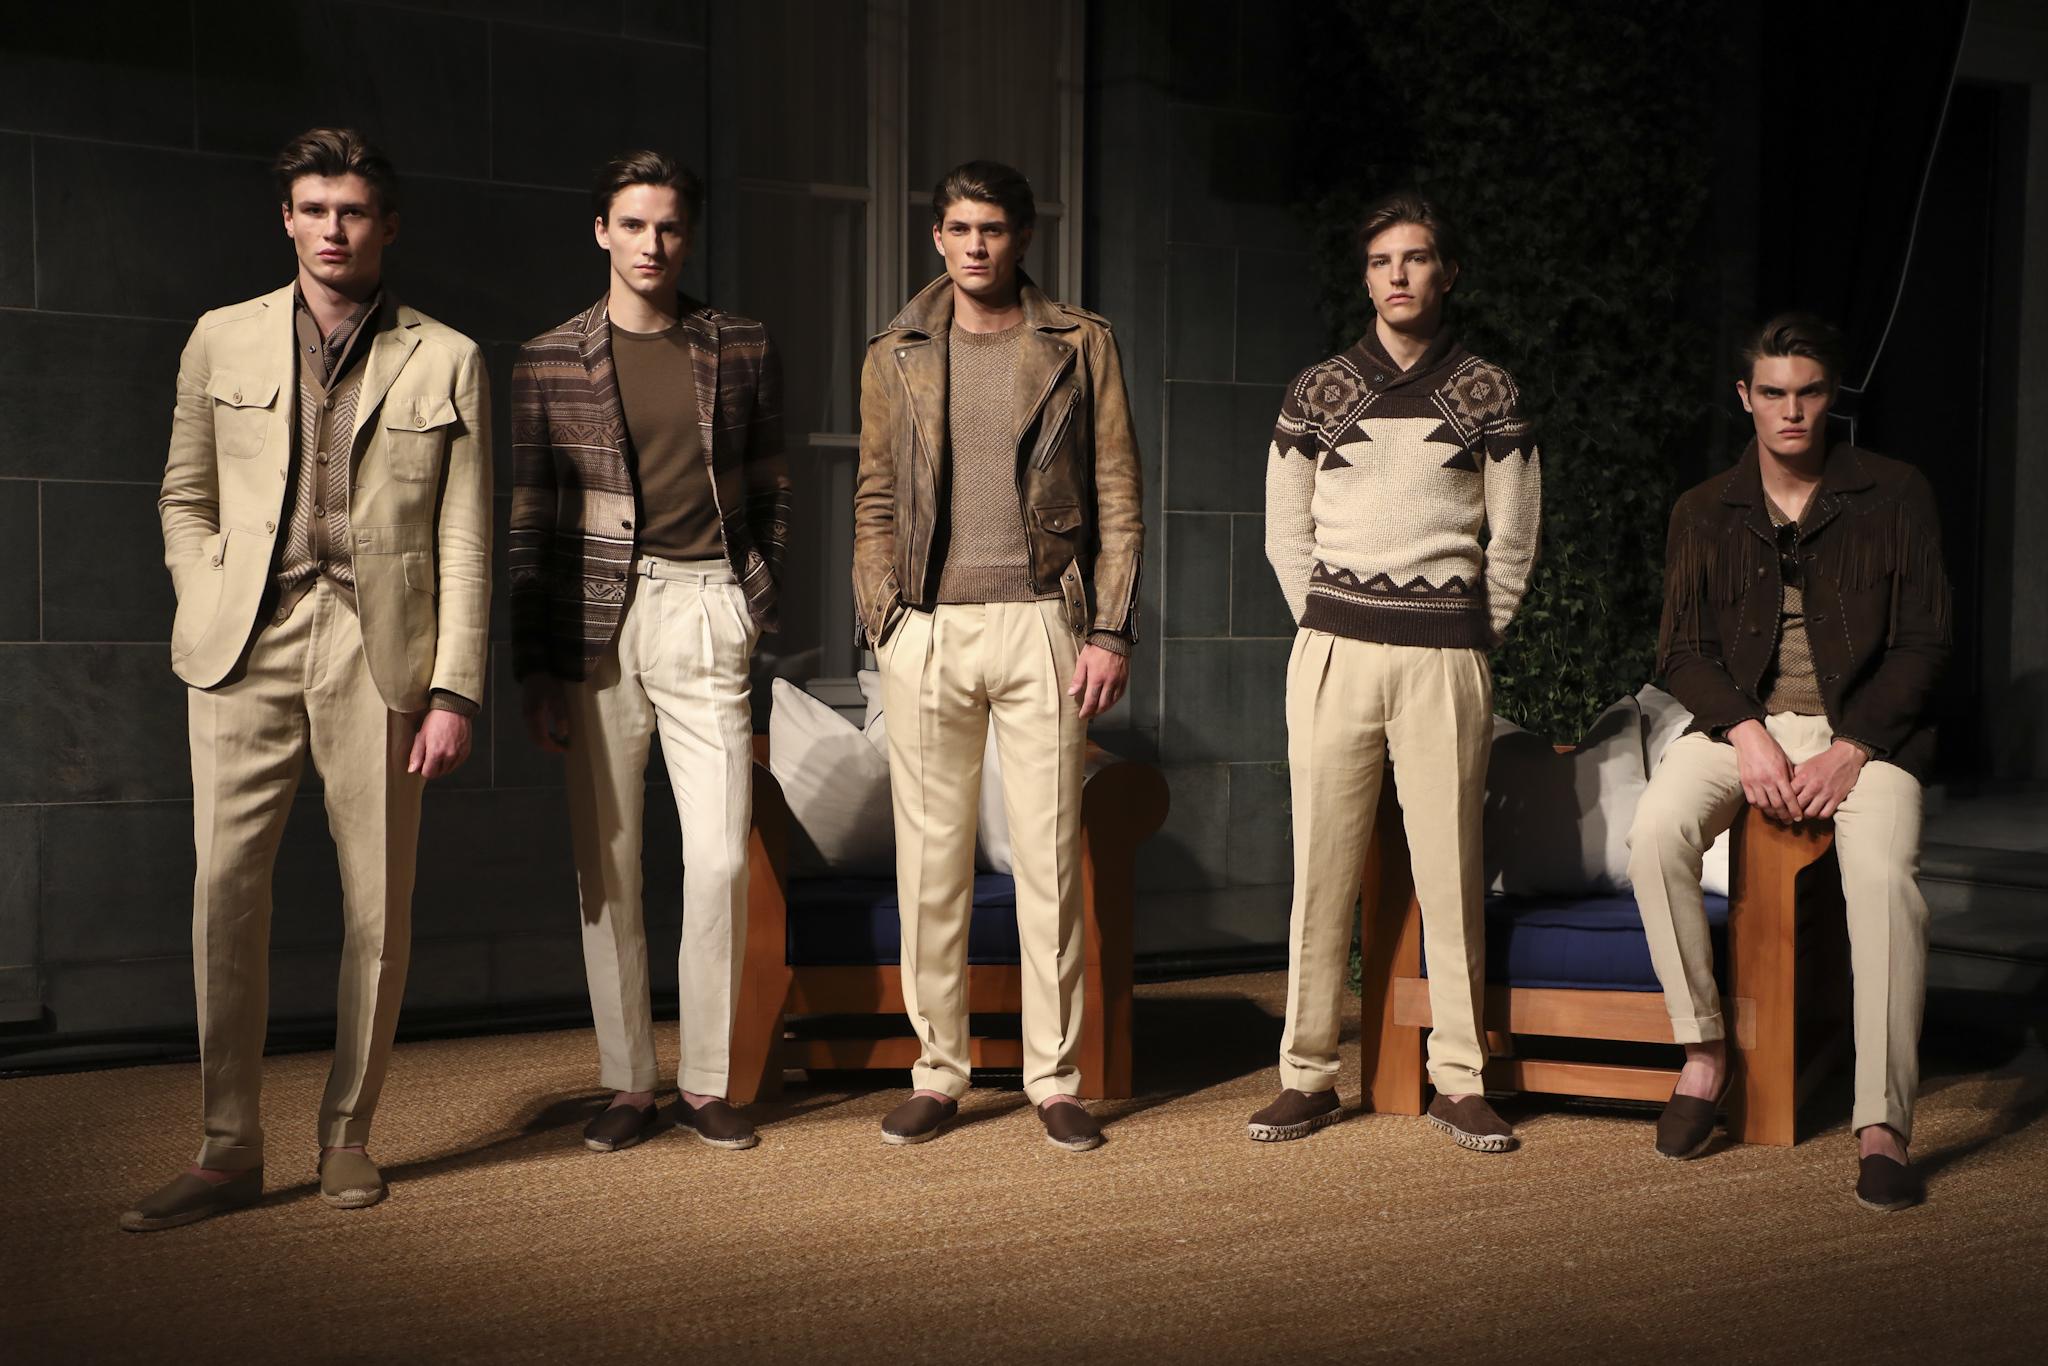 On aime à moitié, c'est-à-dire qu'on aime uniquement le bas. Pourquoi le type de gauche porte un cardigan sous sa veste? Pourquoi porter une veste en cuir?